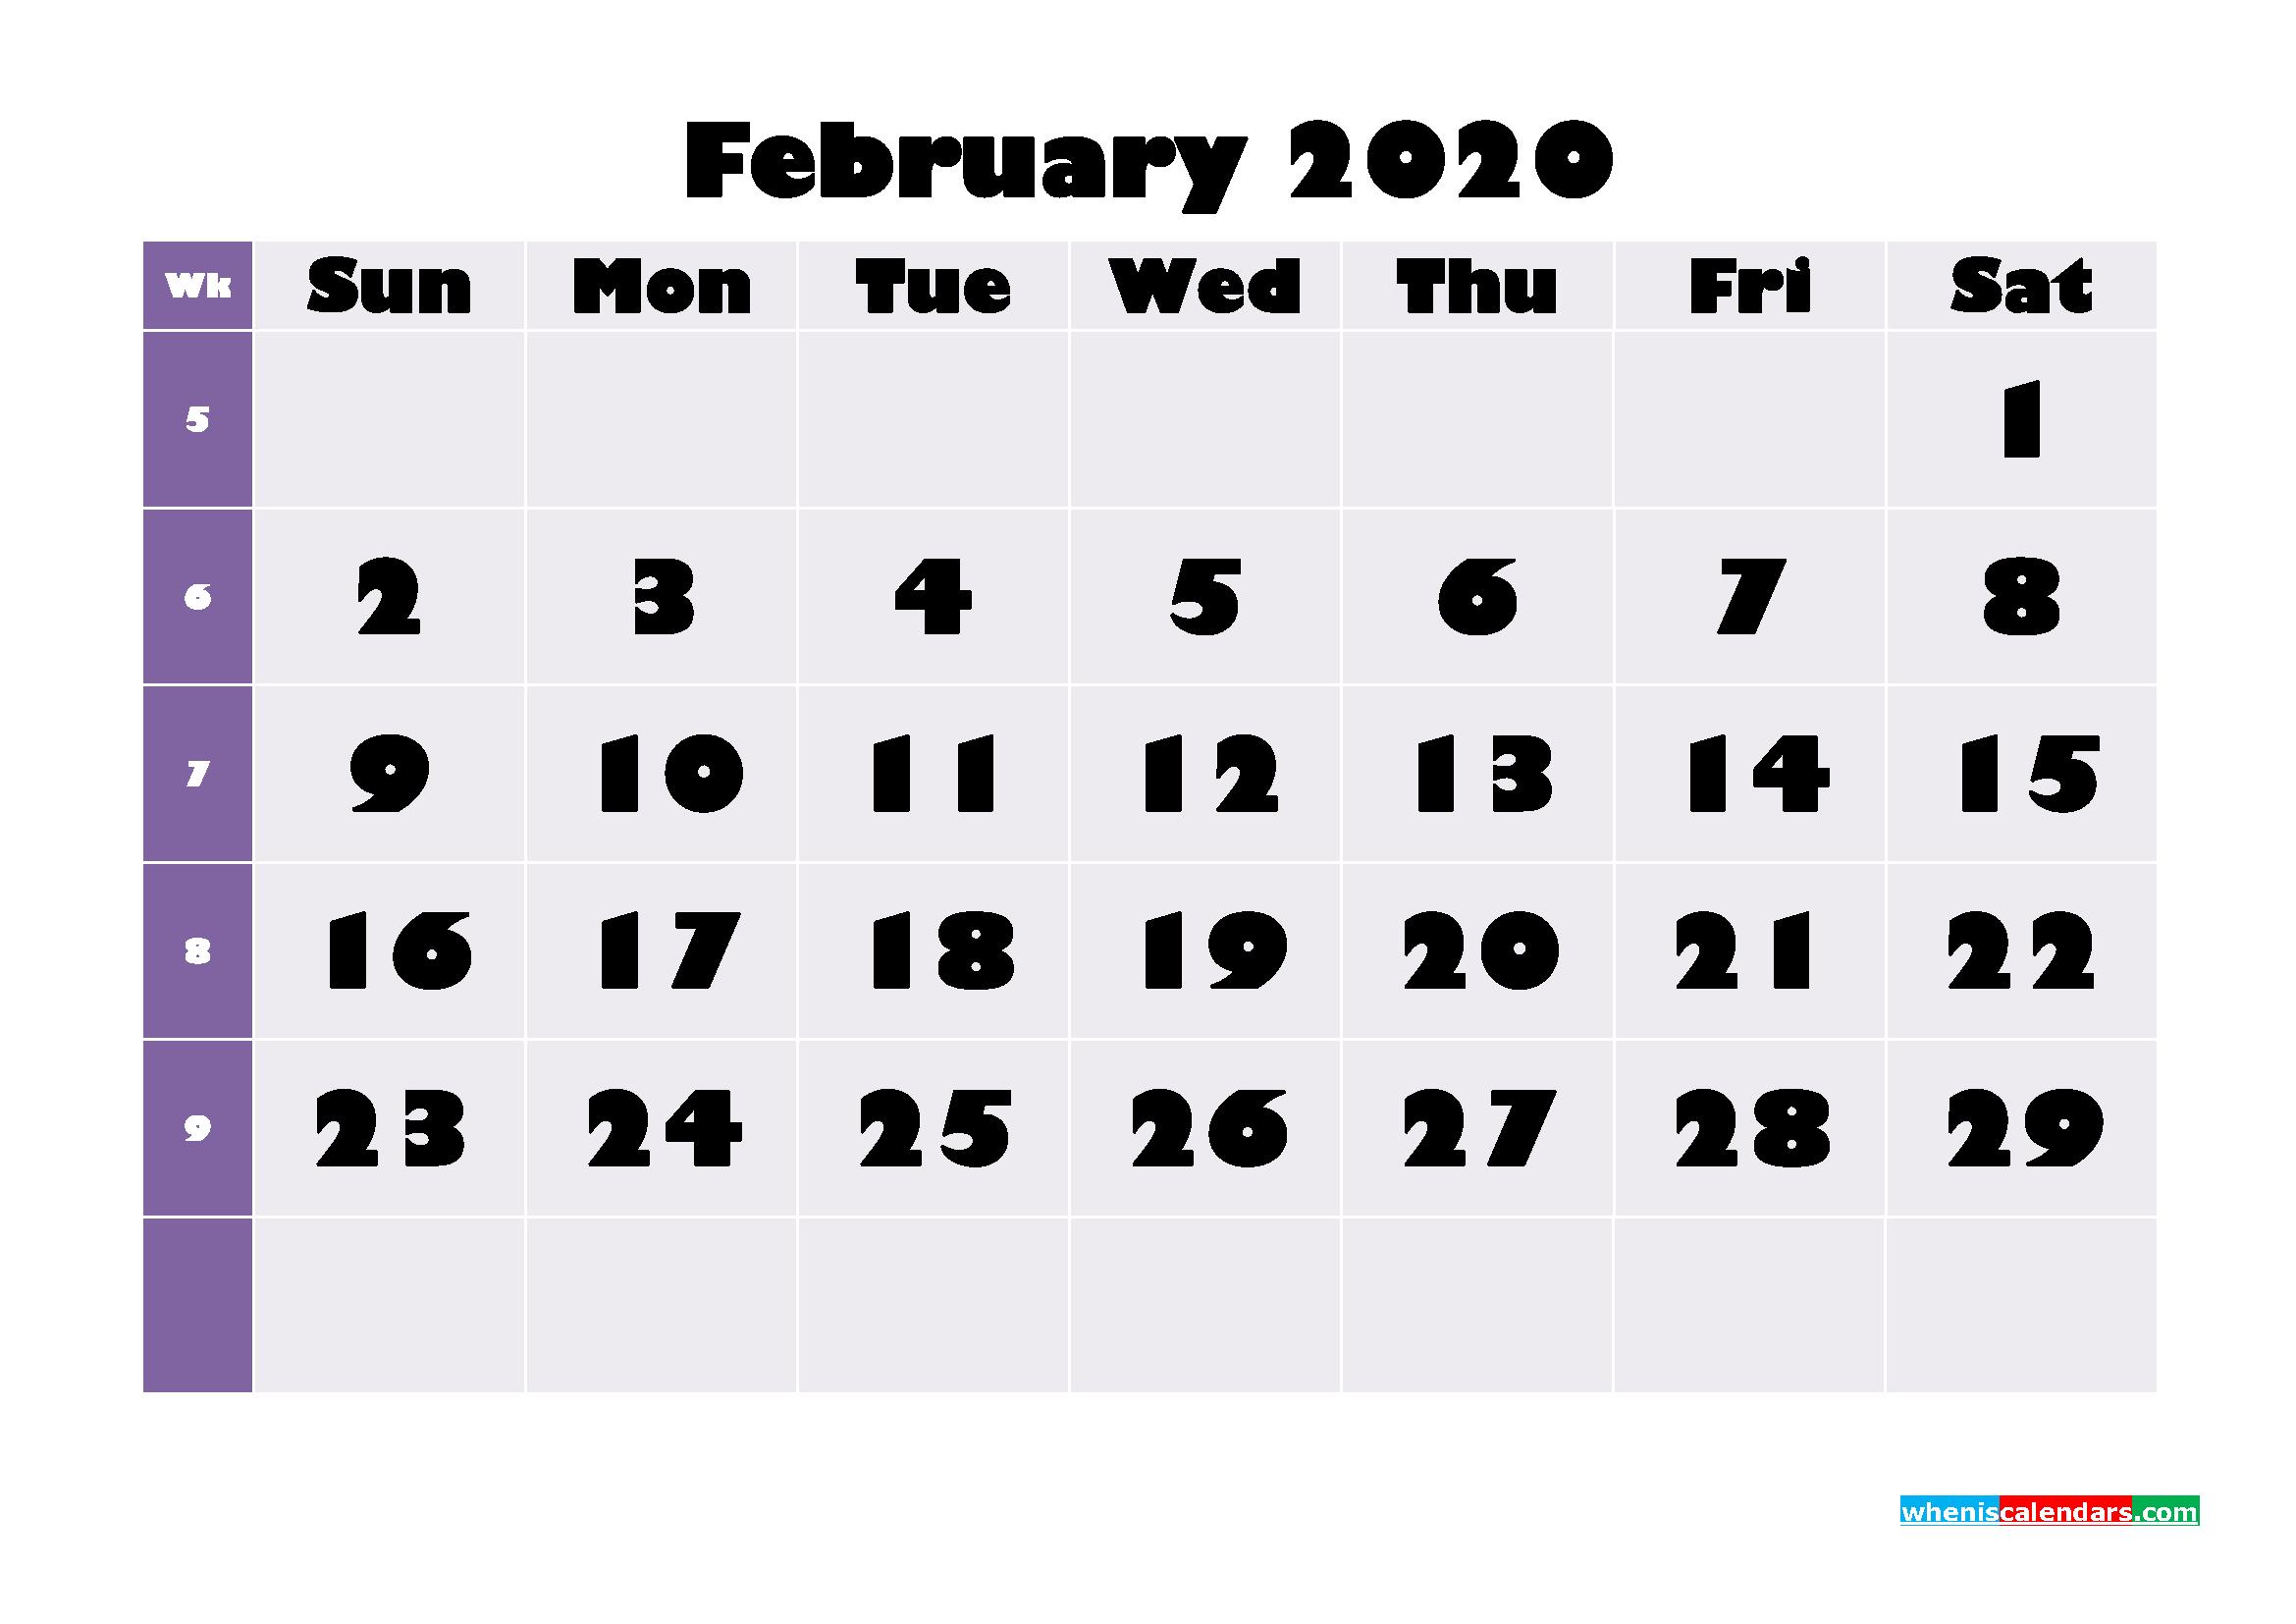 Free Printable February 2020 Calendar - No.m20b674